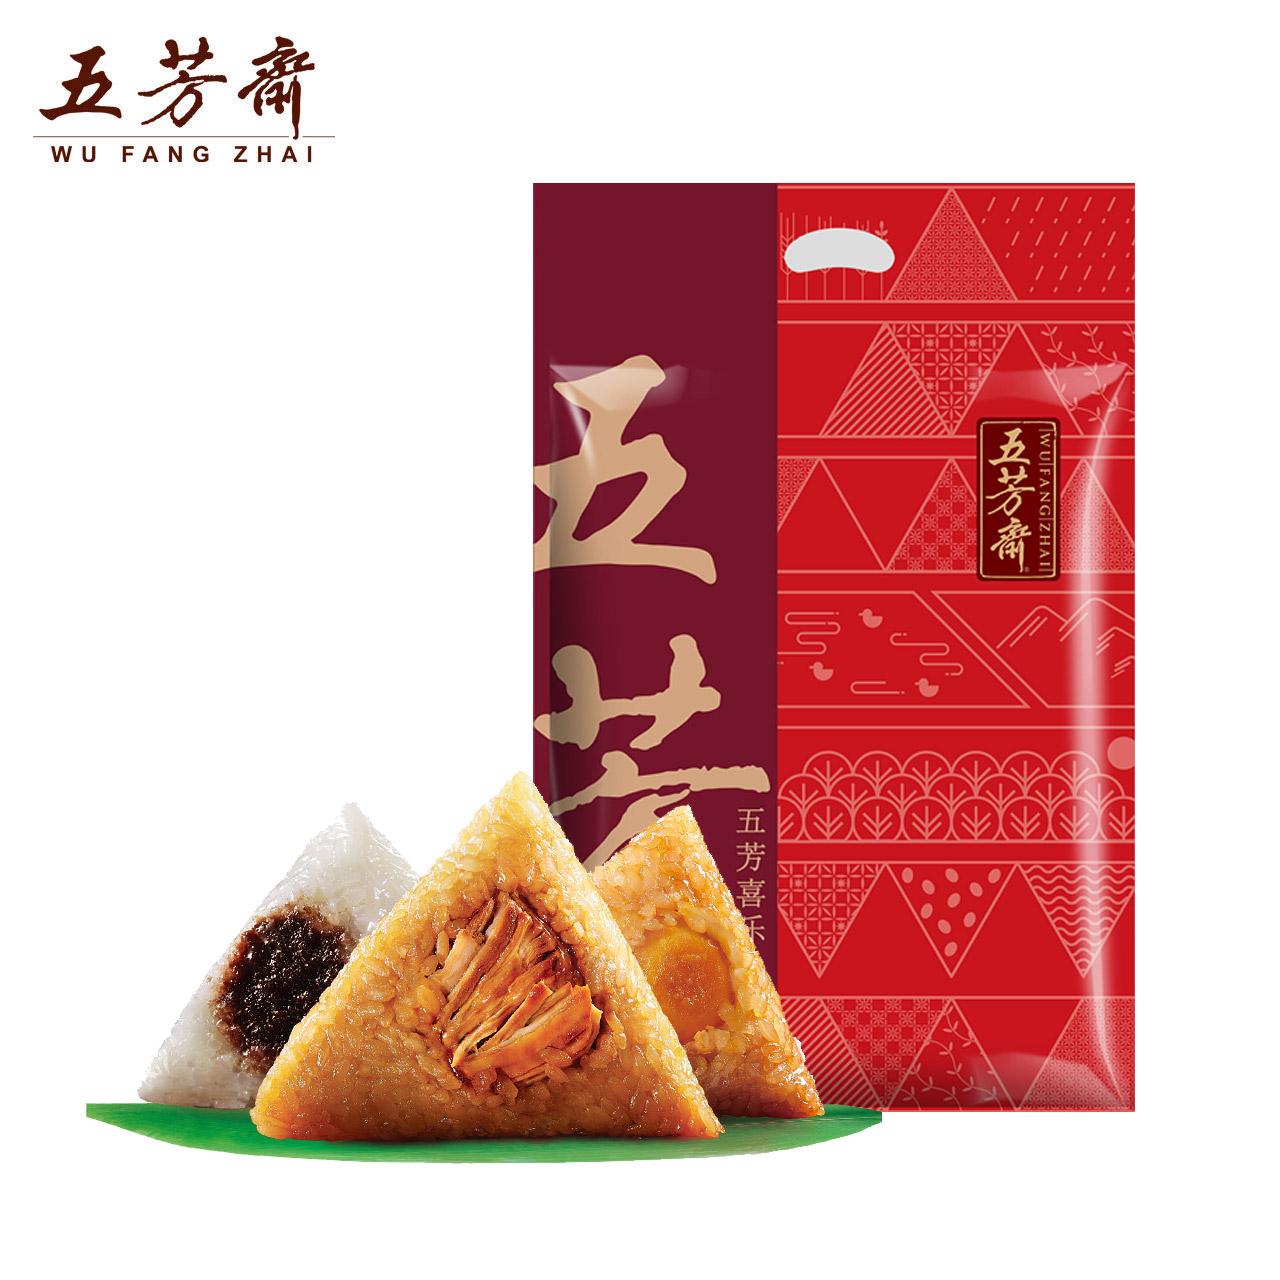 五芳斋粽子 蛋黄肉粽豆沙粽大肉粽早餐 嘉兴特产粽子批发新鲜散装